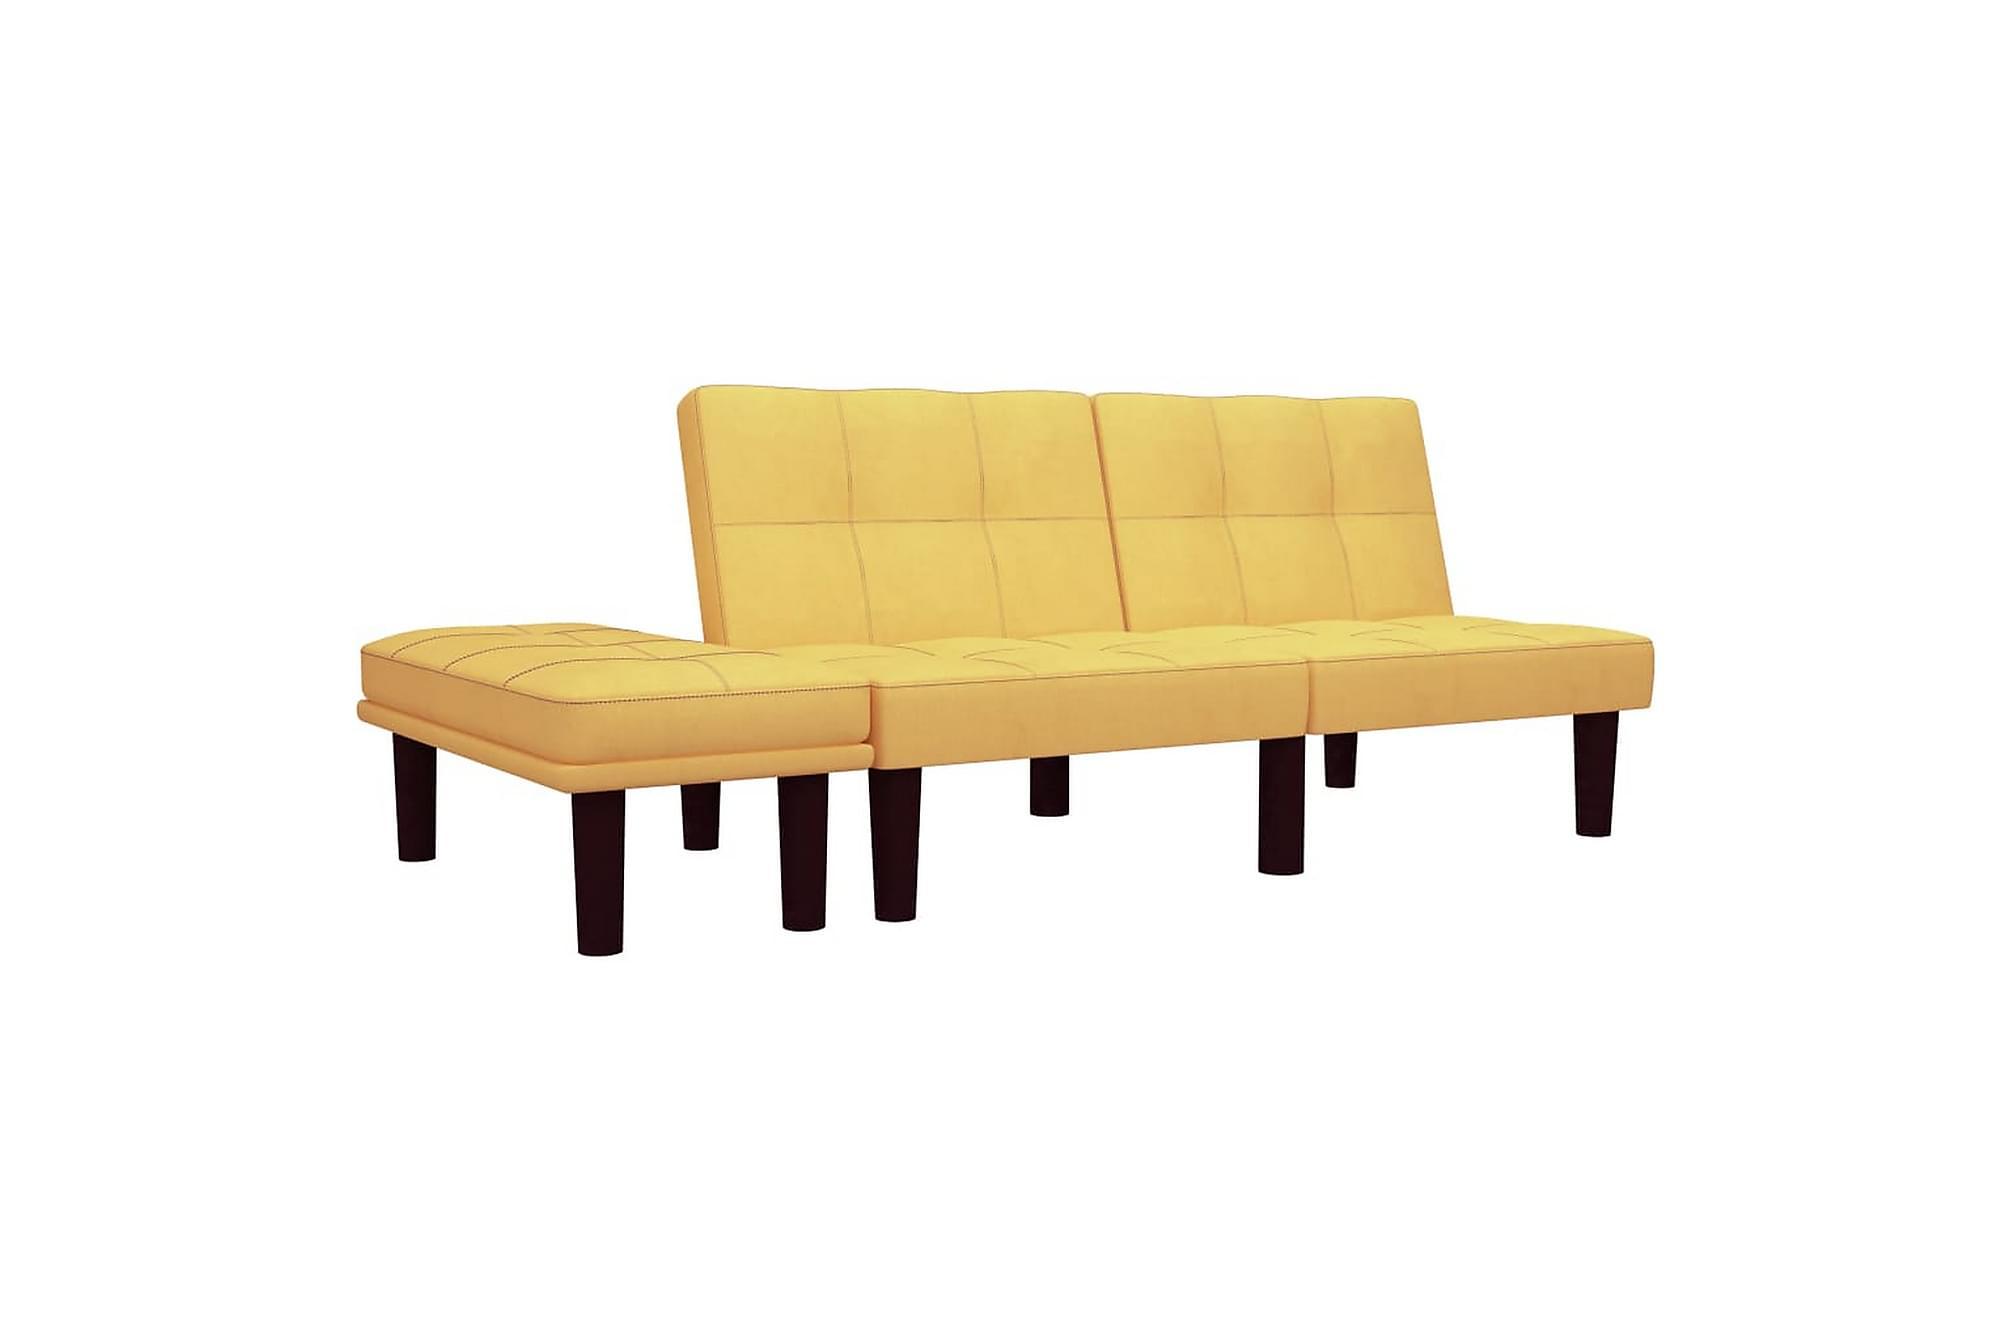 2-sitssoffa gul tyg, 2-sits soffor